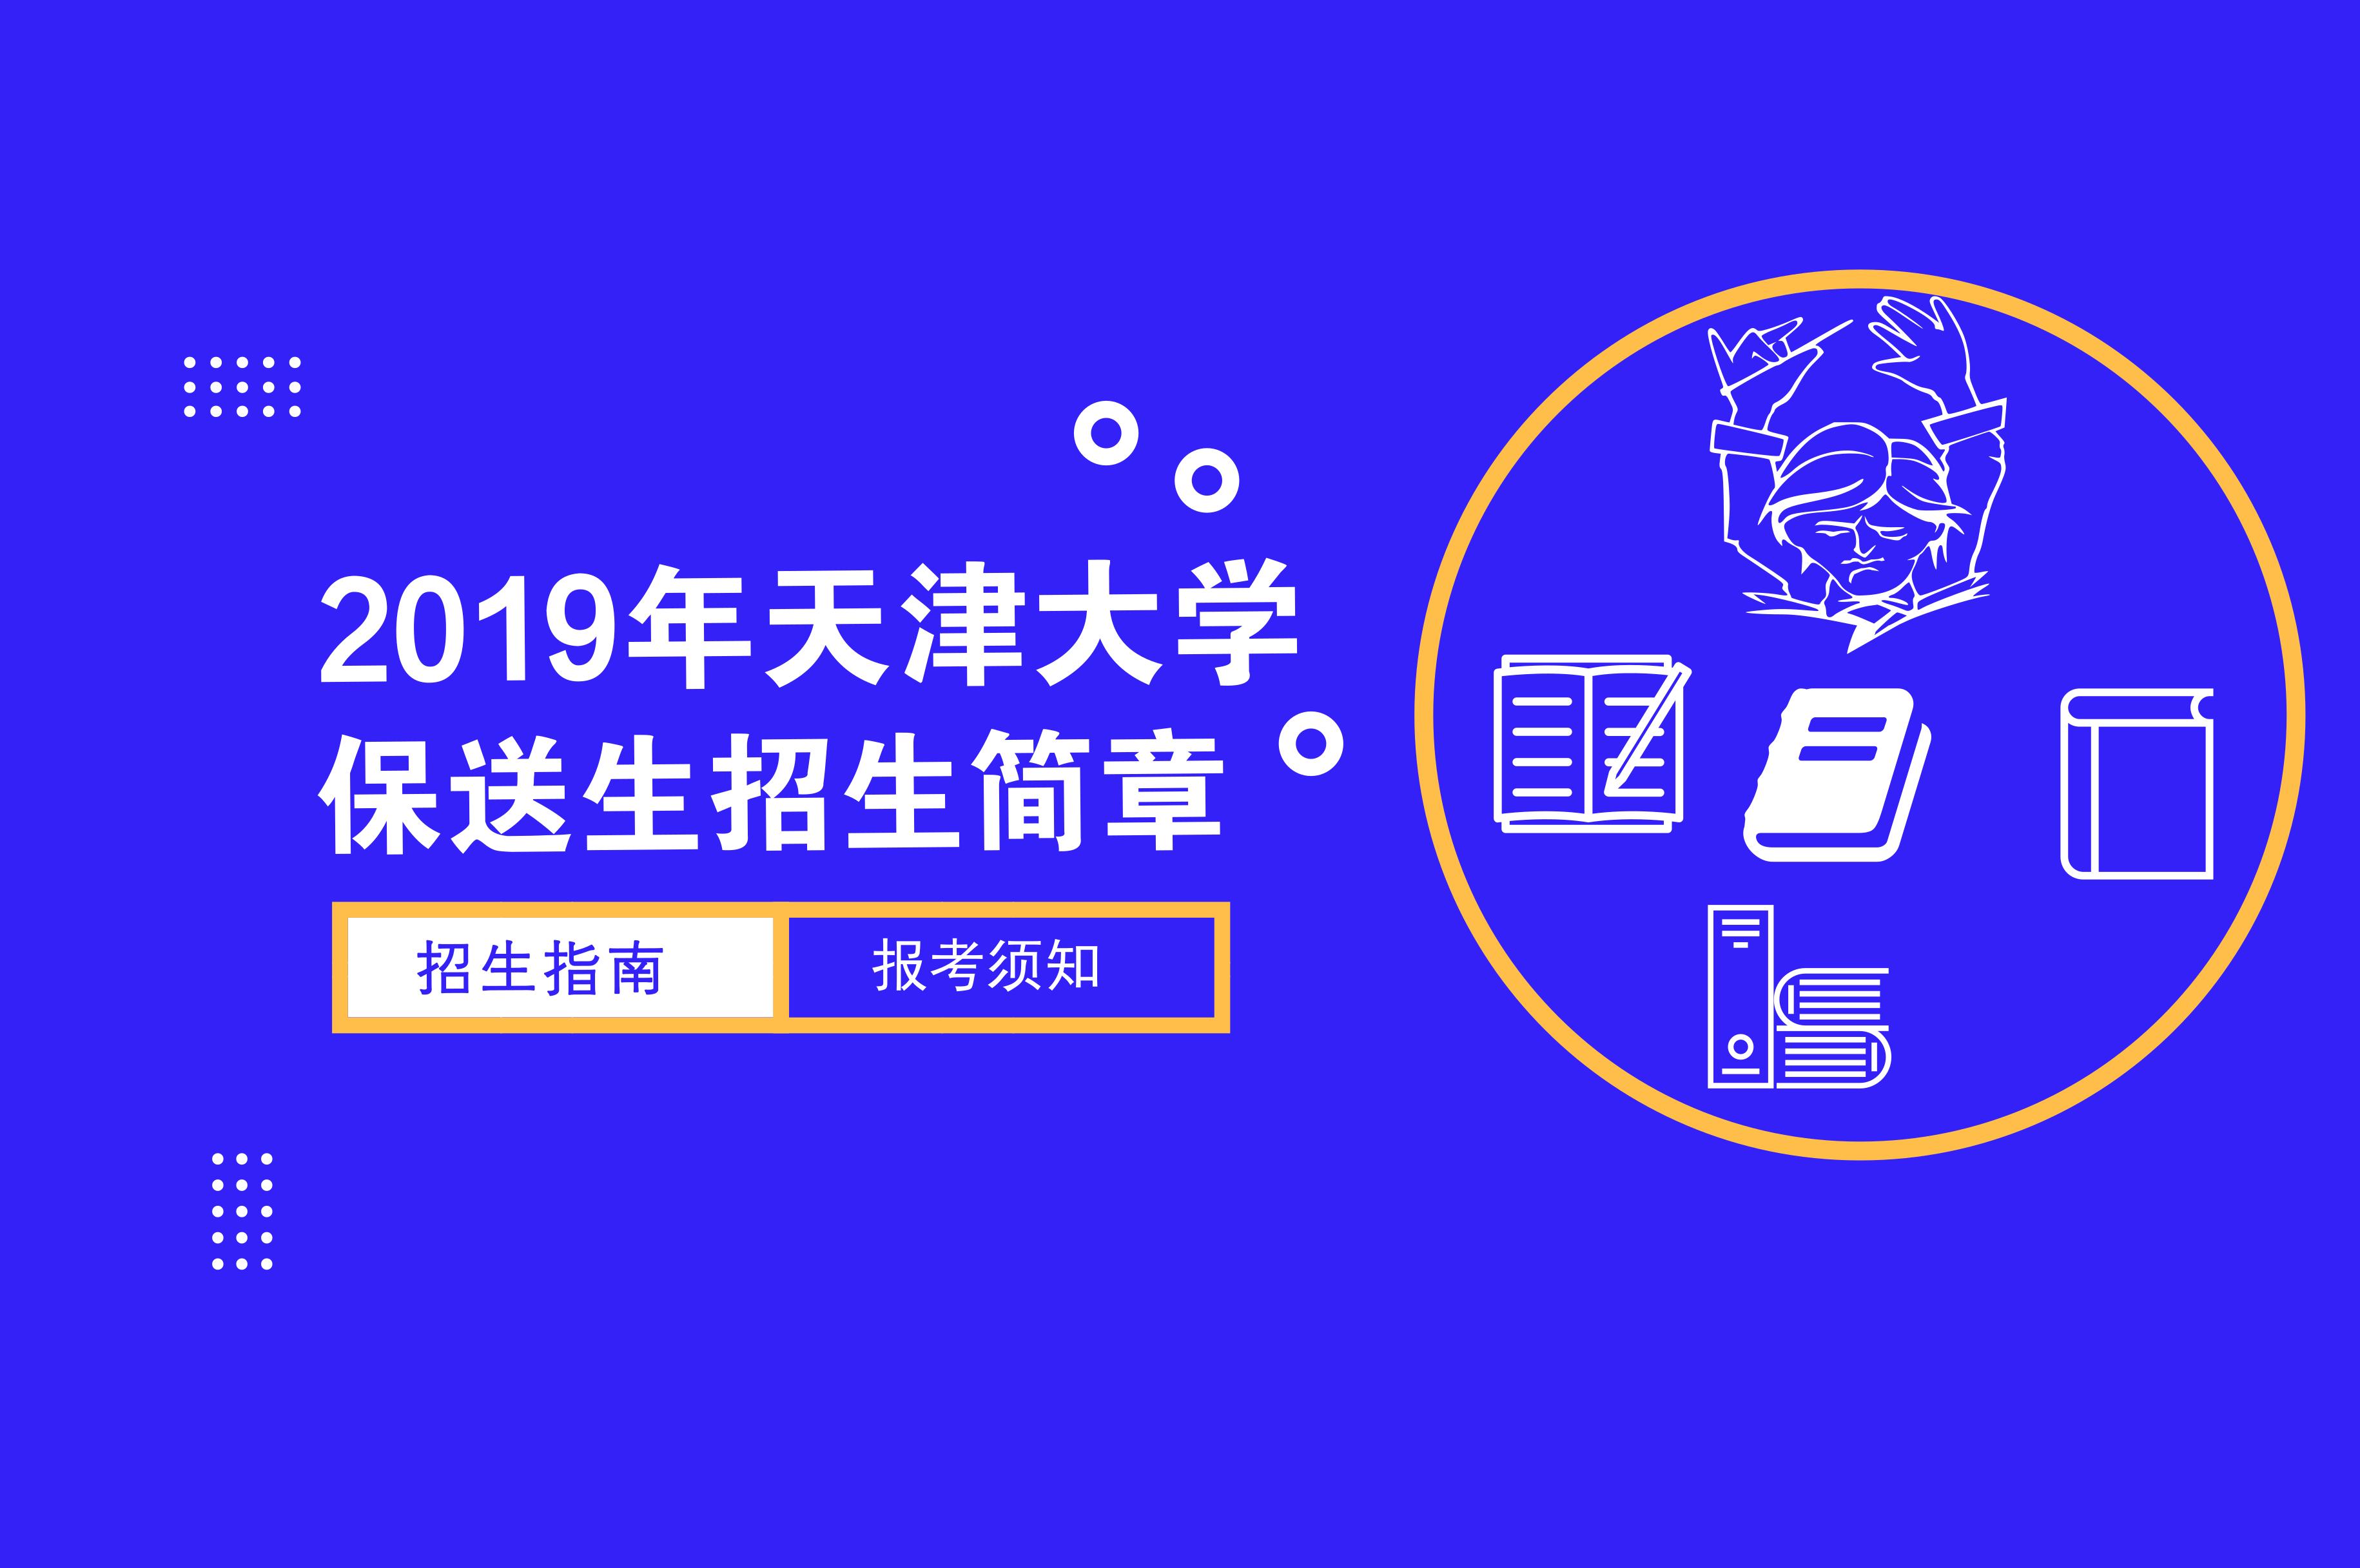 2019年天津大学保送生招生简章